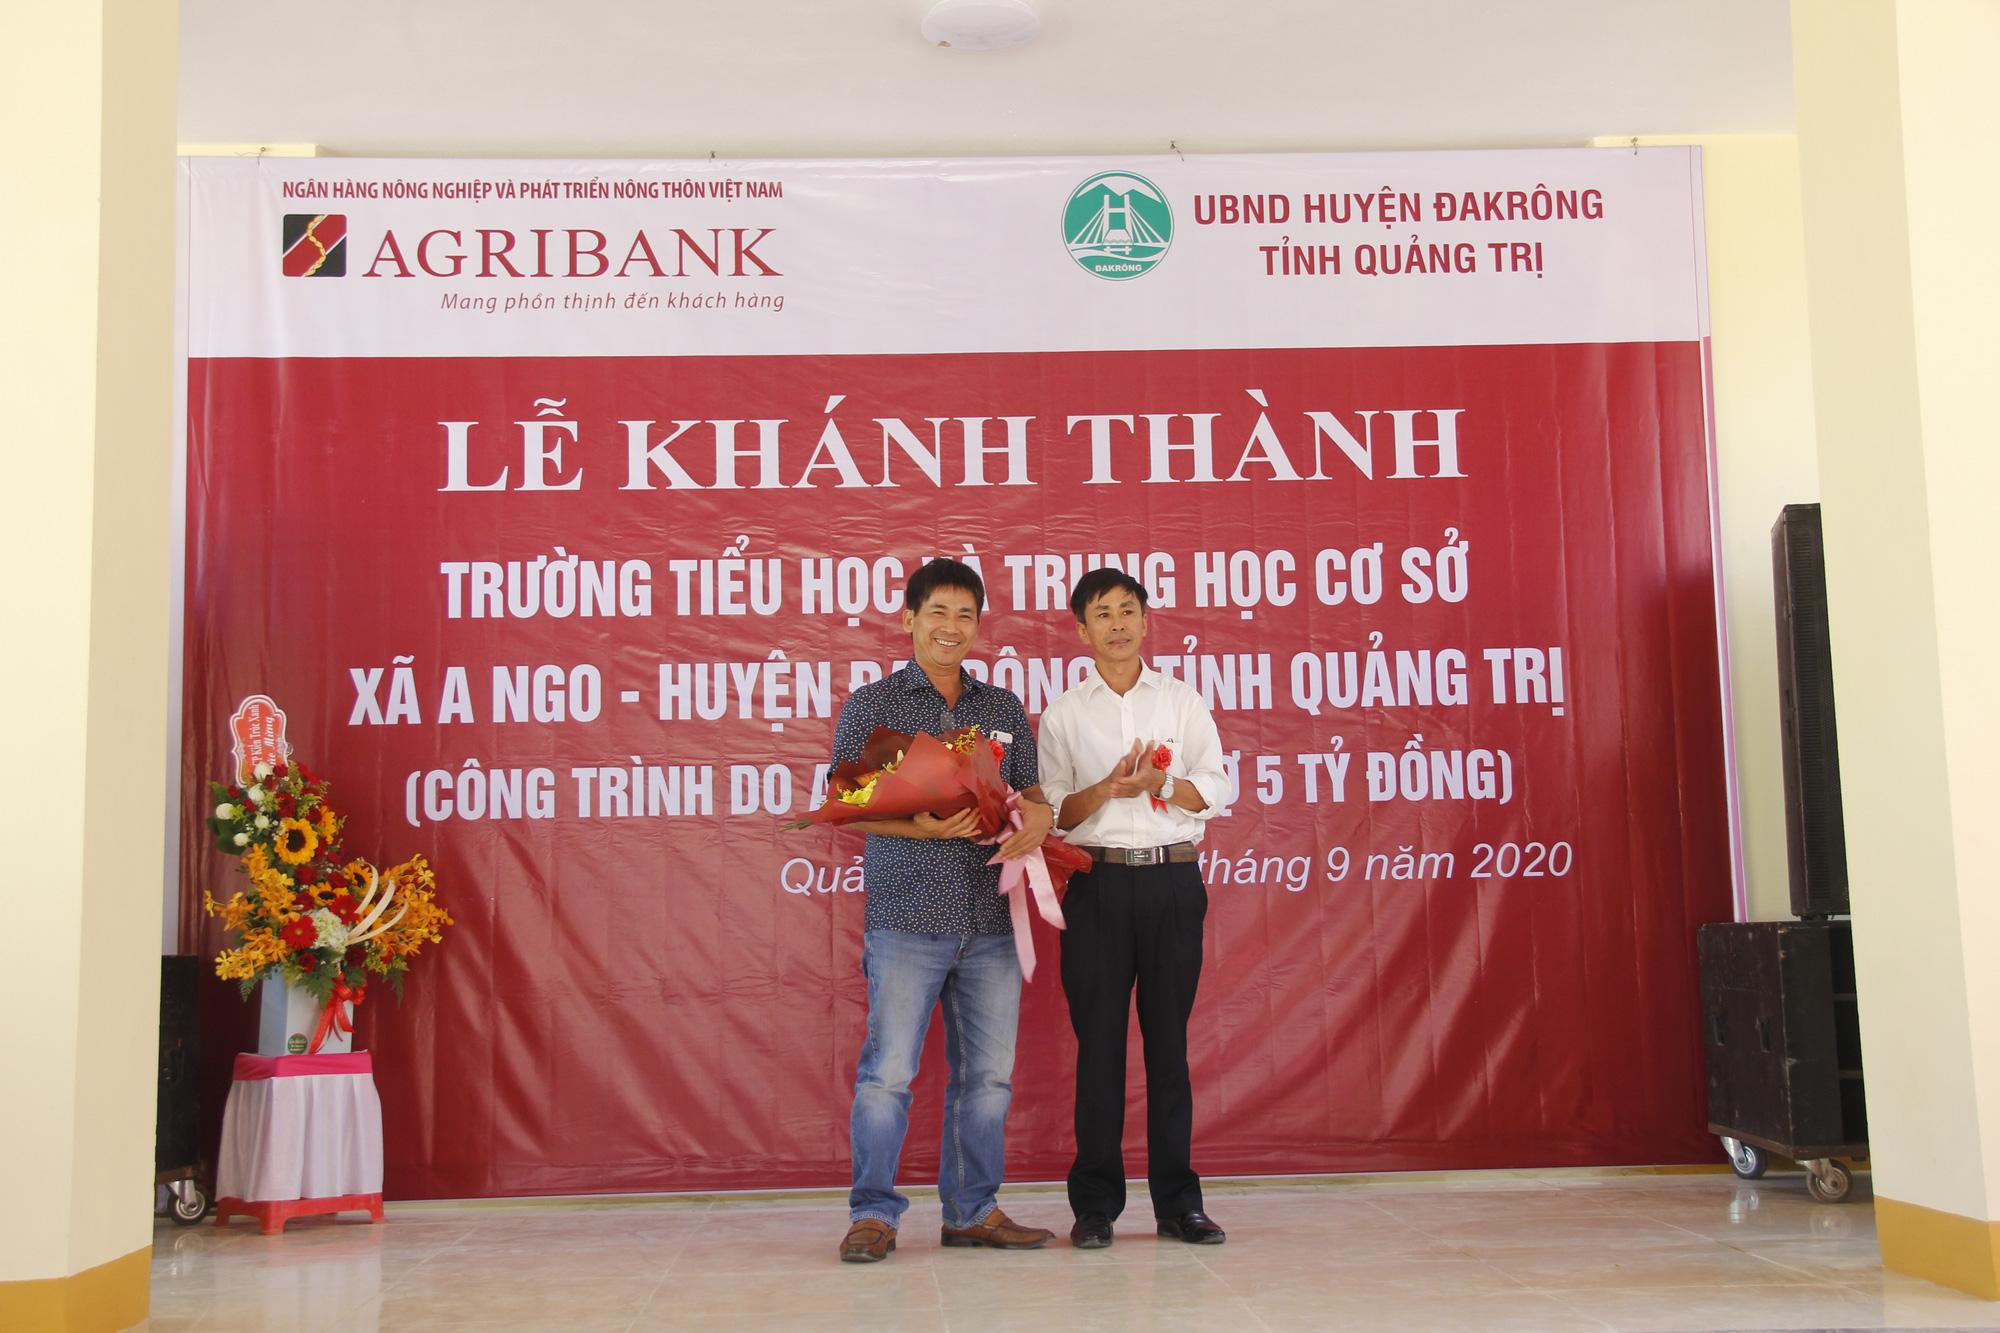 Ngân hàng Agribank xây trường học 5 tỷ đồng ở Quảng Trị - Ảnh 3.